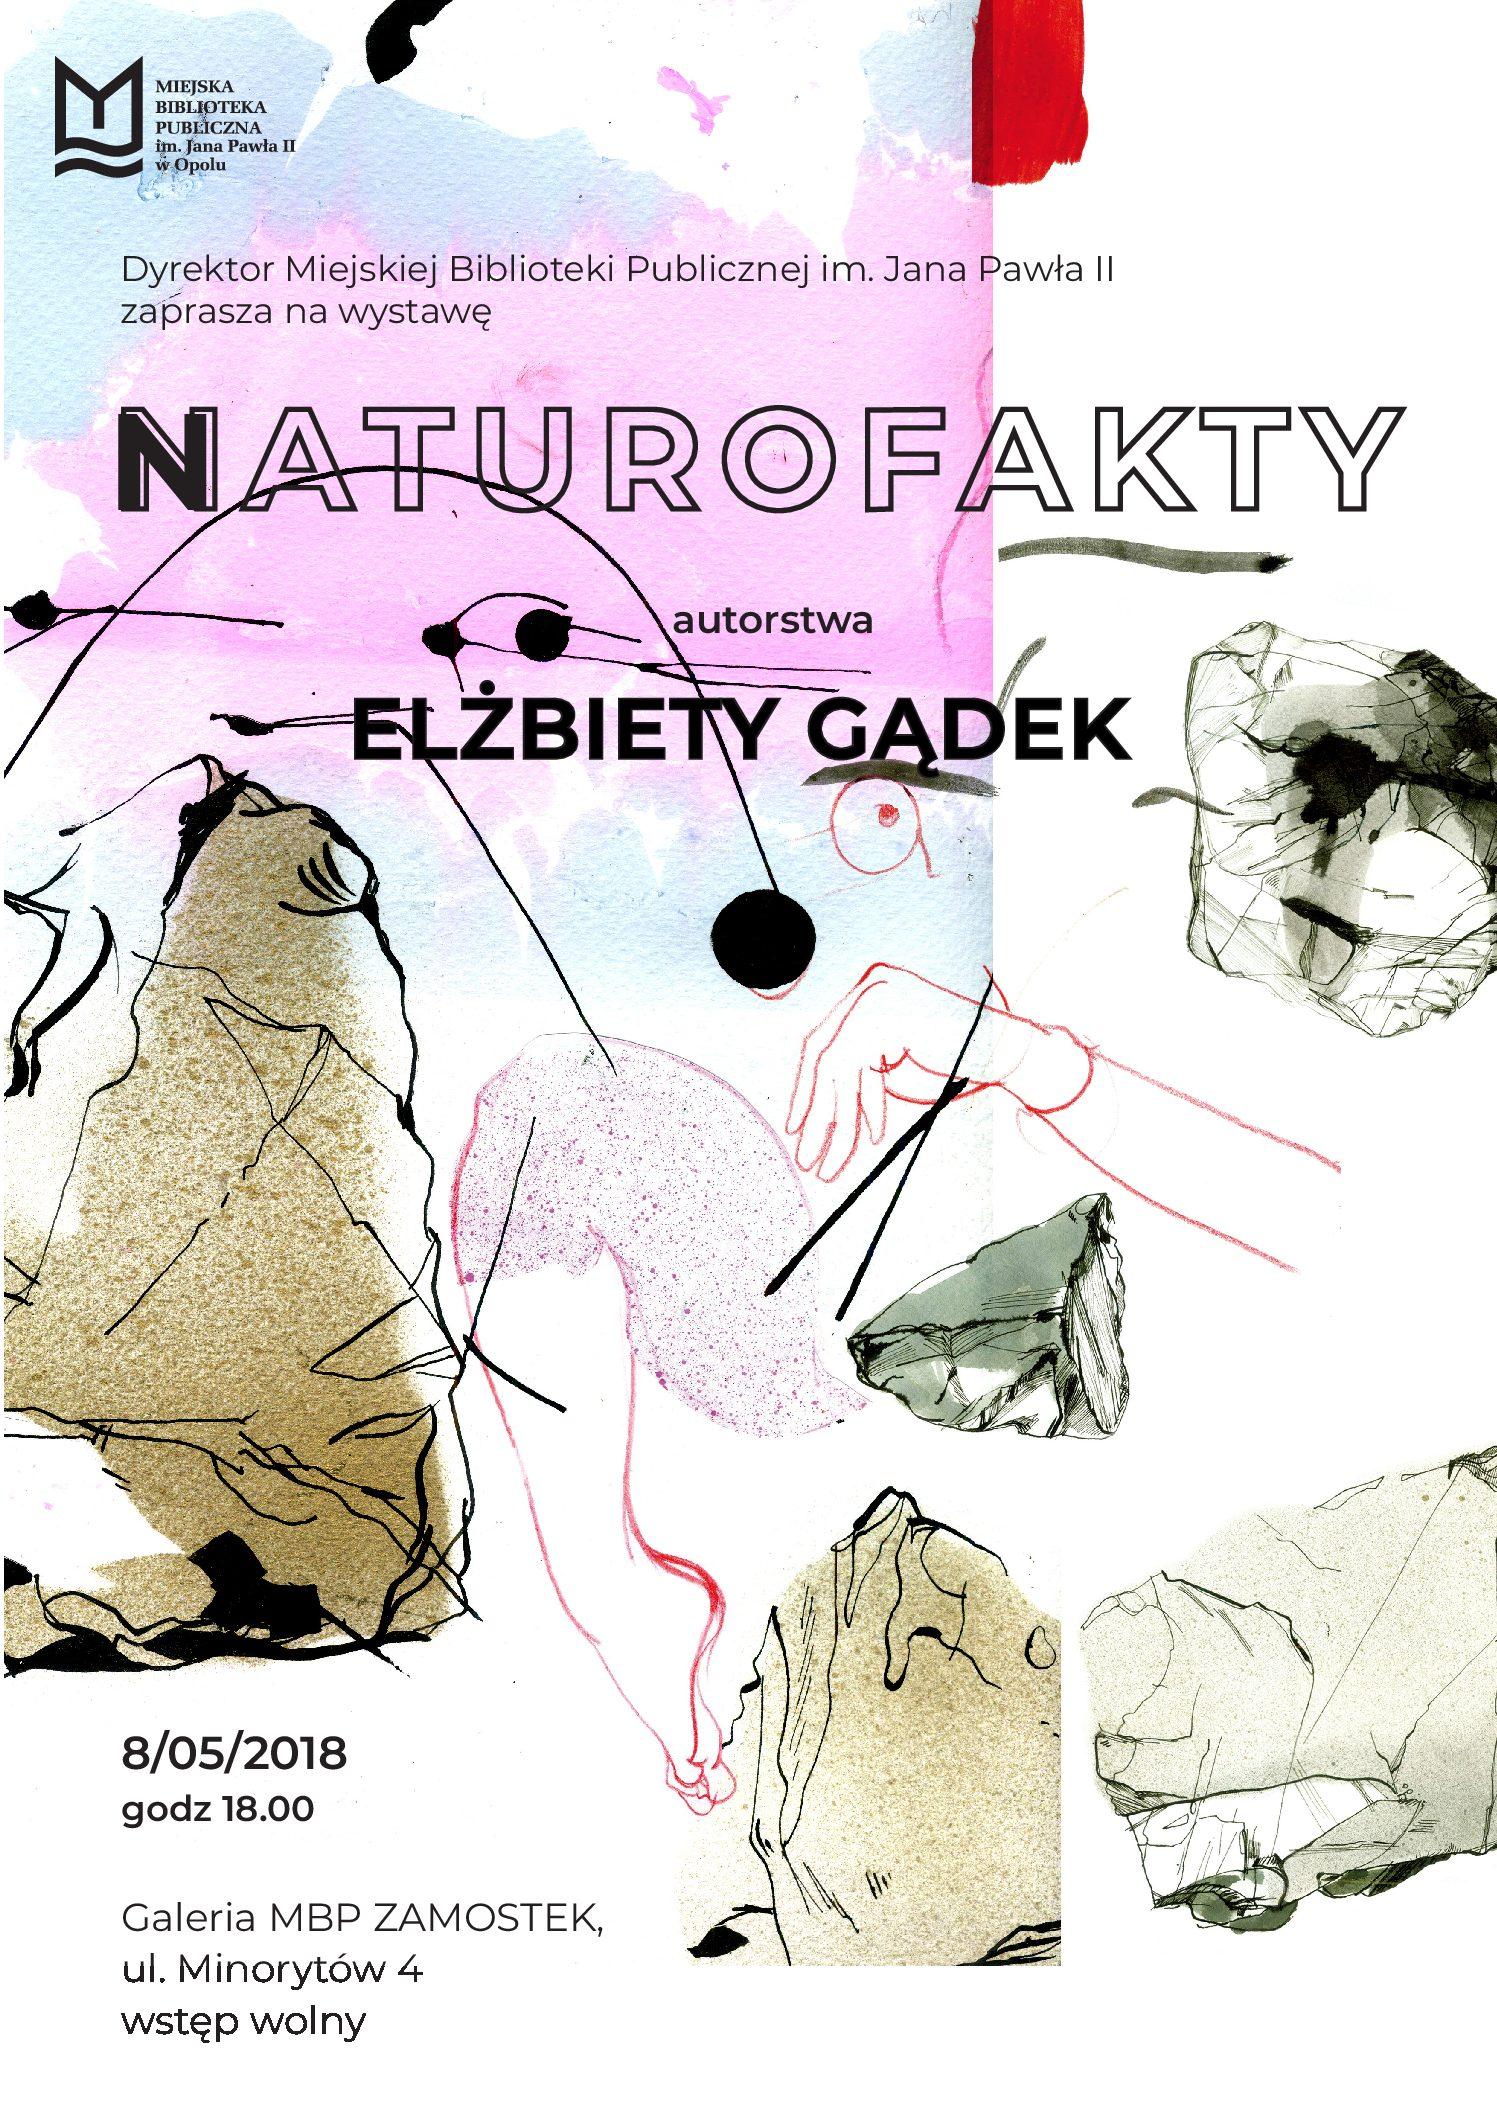 Naturofakty – wernisaż wystawy Elżbiety Gądek